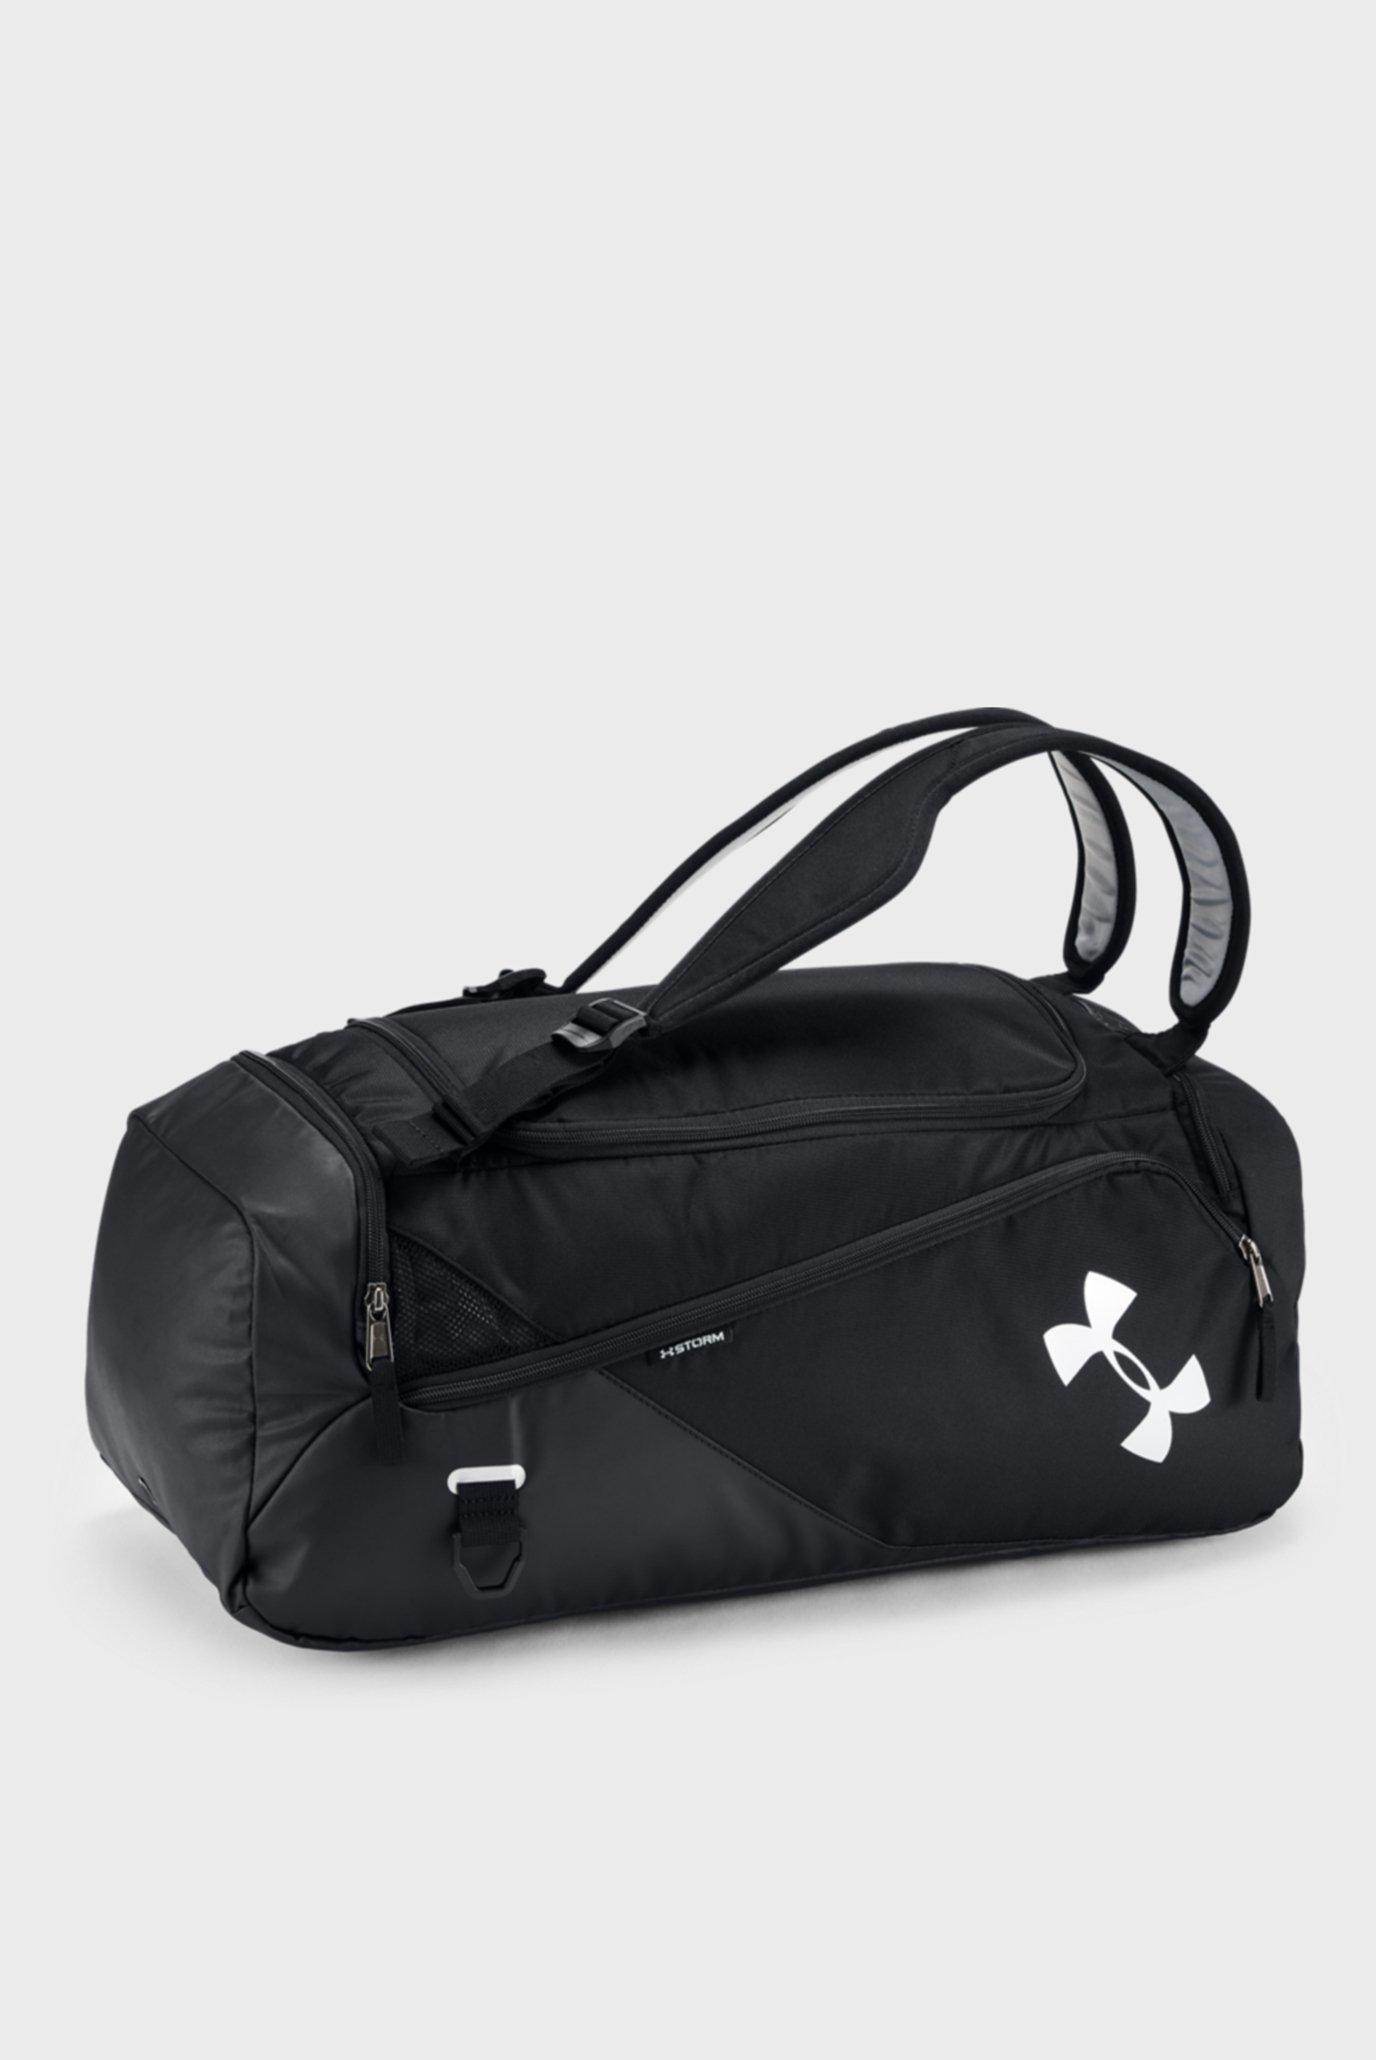 9fb1731e822d Купить Черная спортивная сумка Contain Duo 2.0 Under Armour Under Armour  1316570-001 – Киев, Украина. Цены в интернет магазине MD Fashion